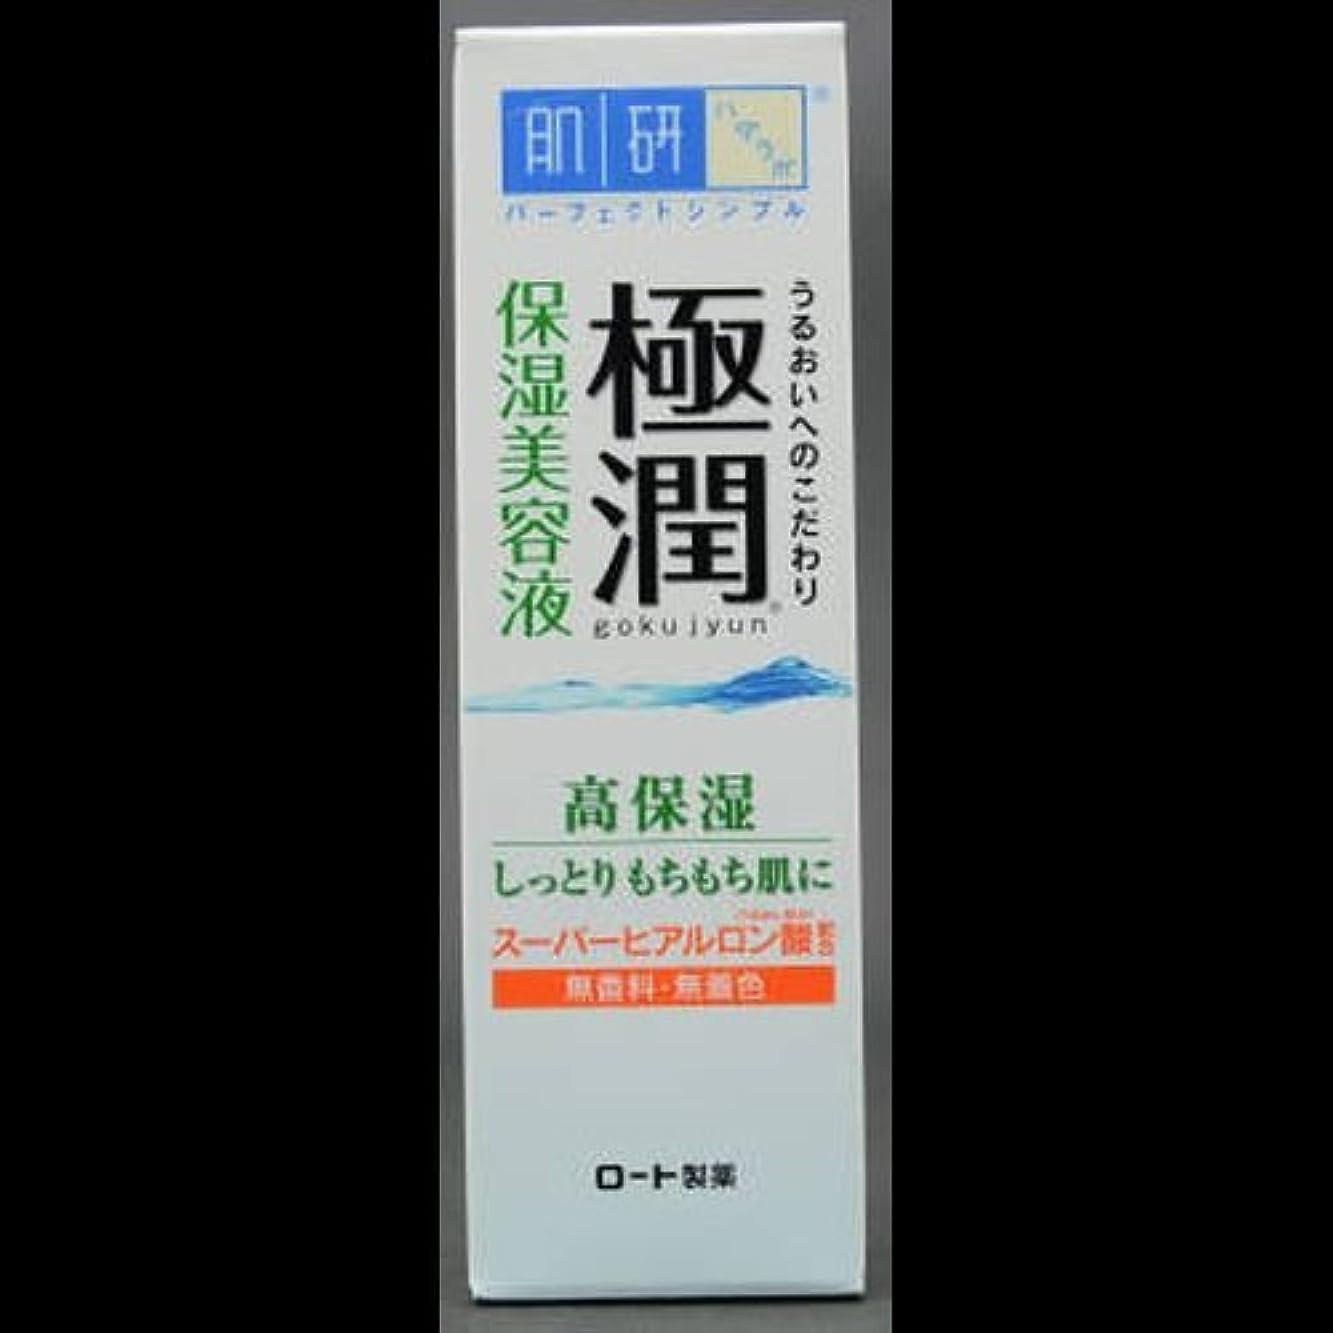 【まとめ買い】肌研 極潤 ヒアルロン美容液 30g ×2セット